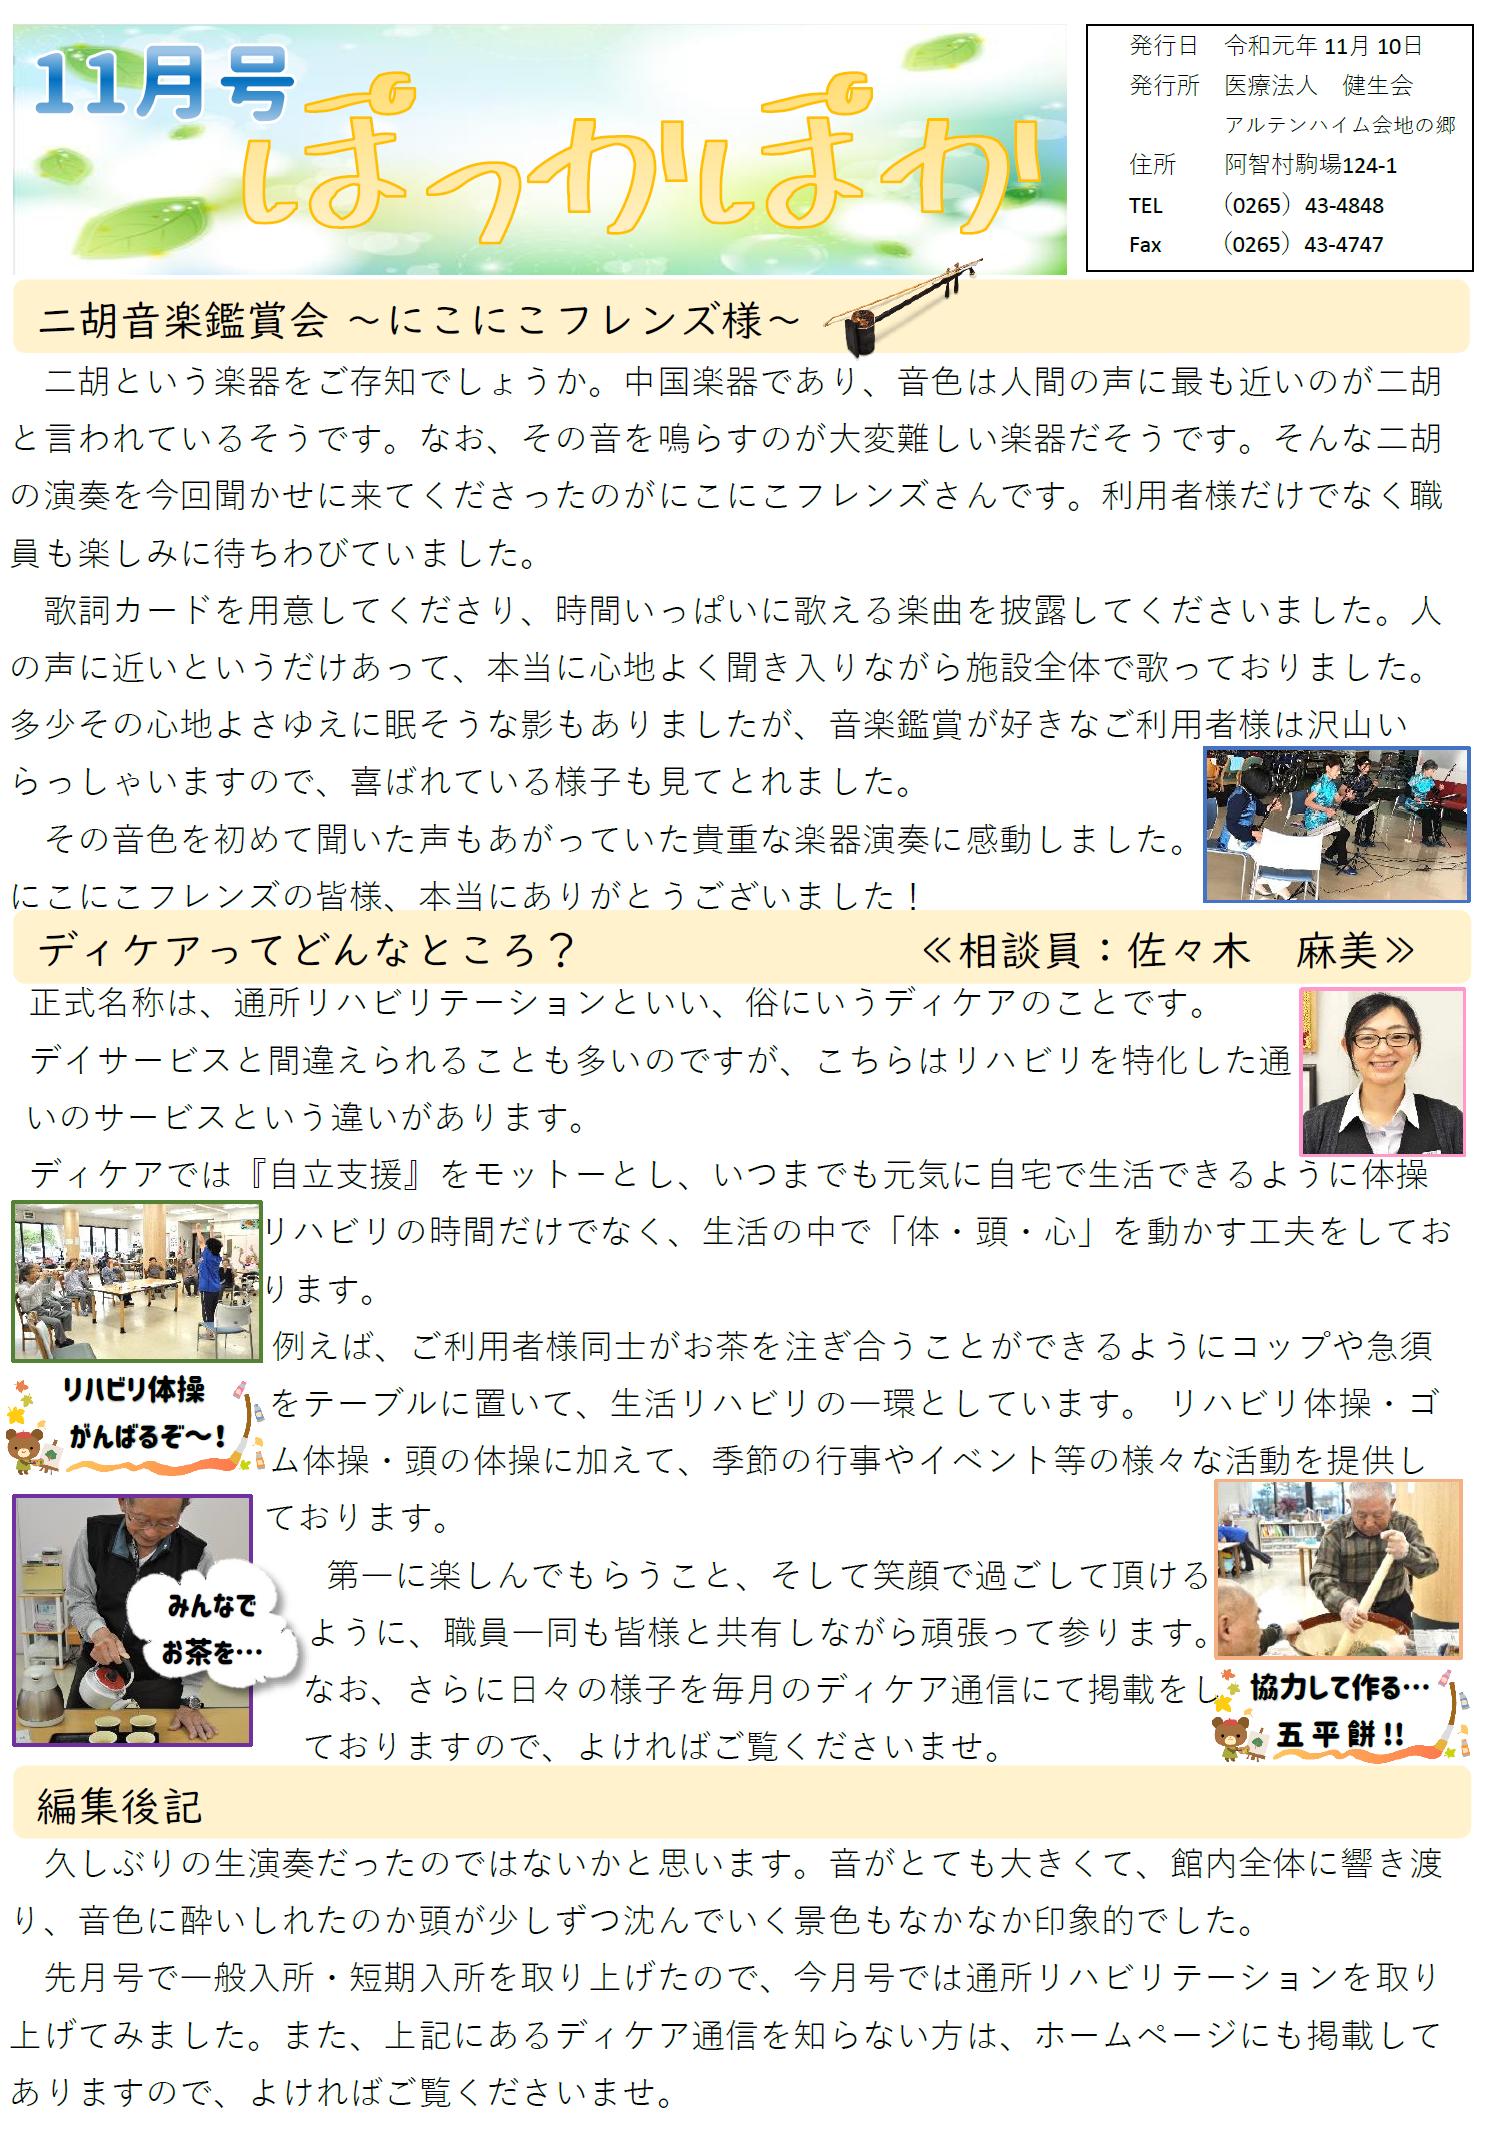 ぽっかぽかR1.11.10.png